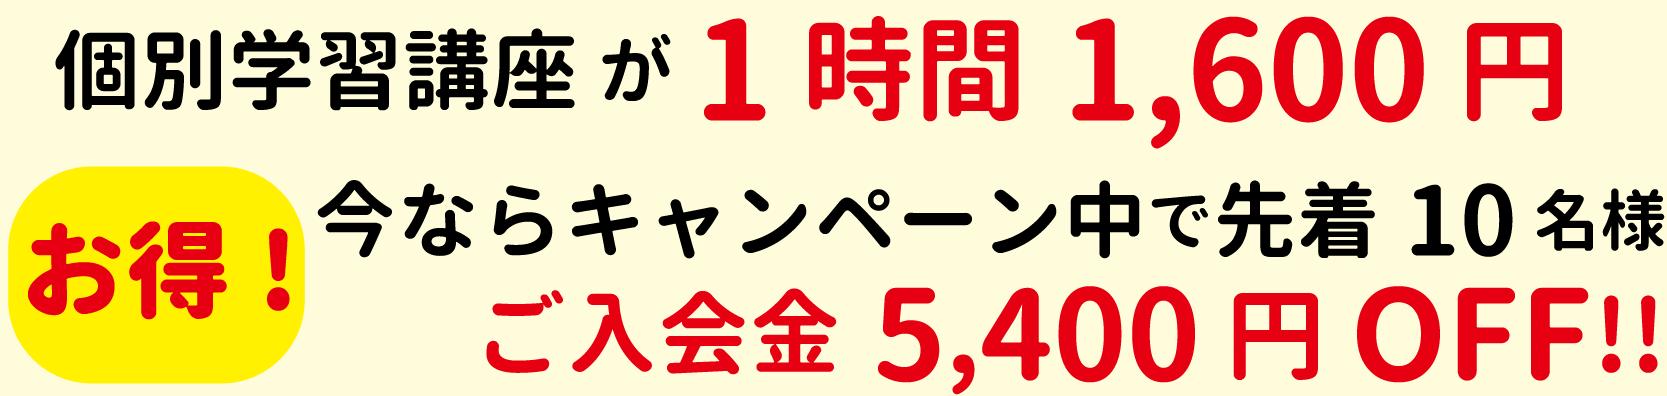 個別学習講座が1時間1,600円。今ならキャンペーン中で先着10名様ご入会金5,400円OFF!!